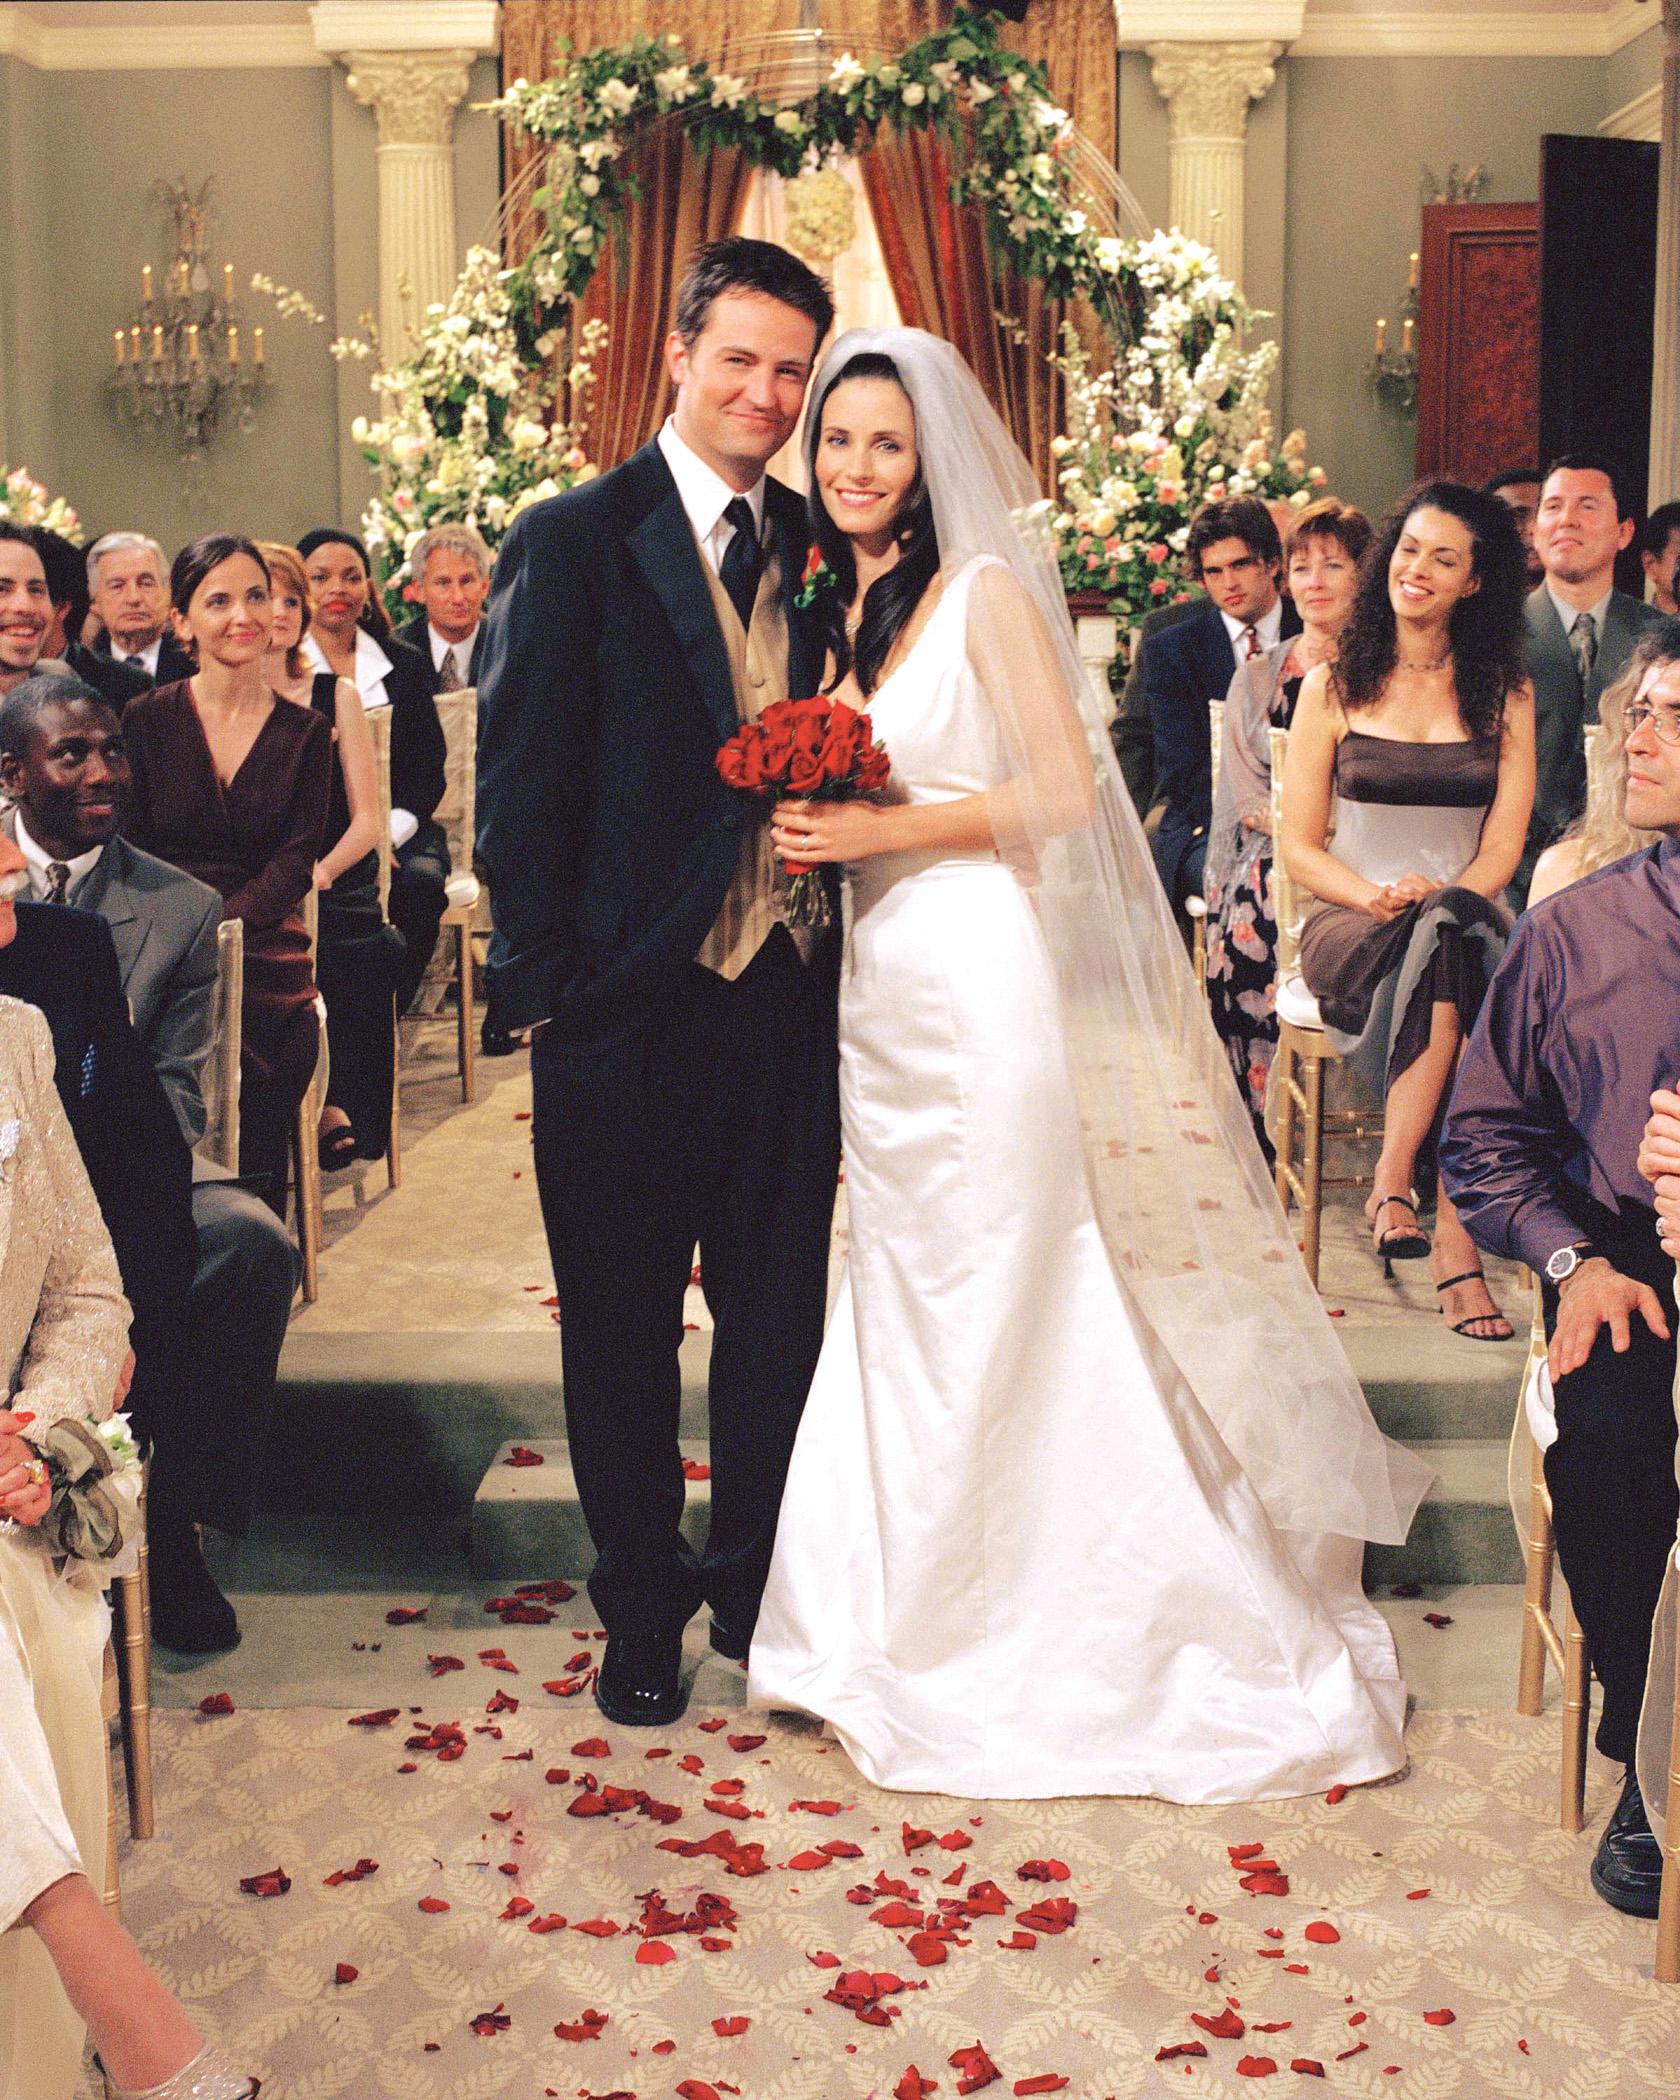 tv-wedding-dresses-friends-monica-chandler-1115.jpg